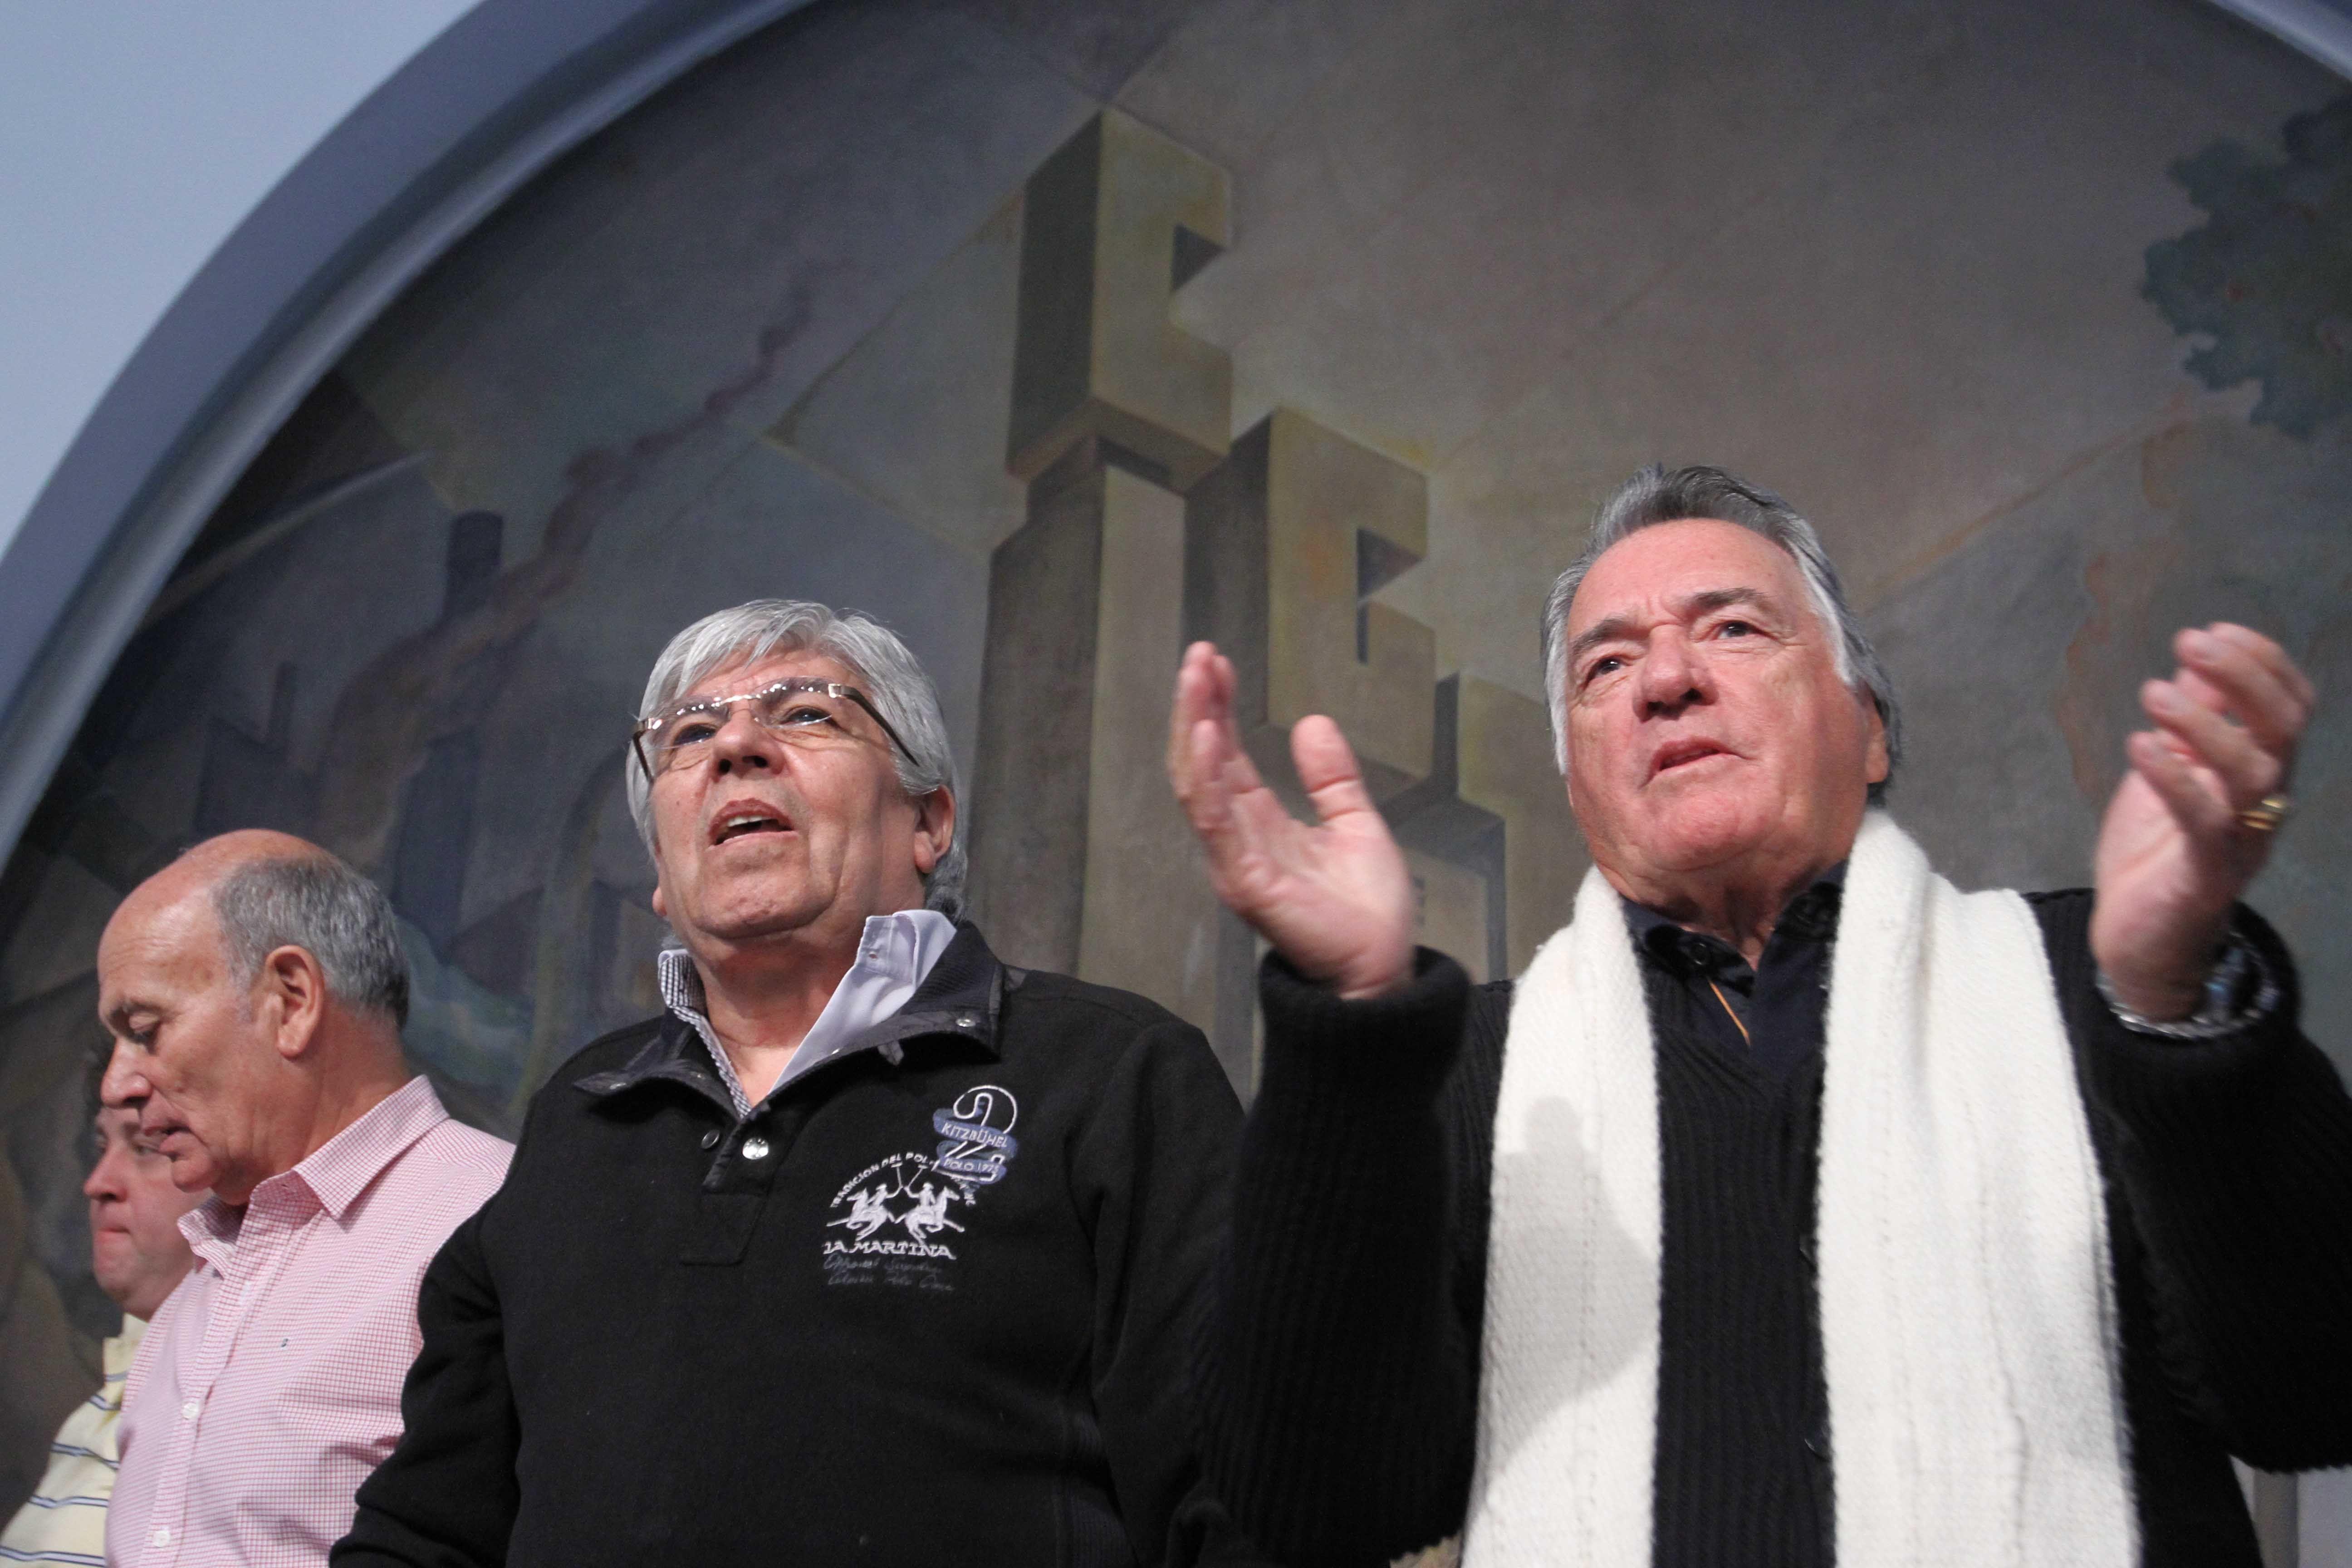 Plenario de la CGT: sindicalistas se reúnen en busca de la unidad